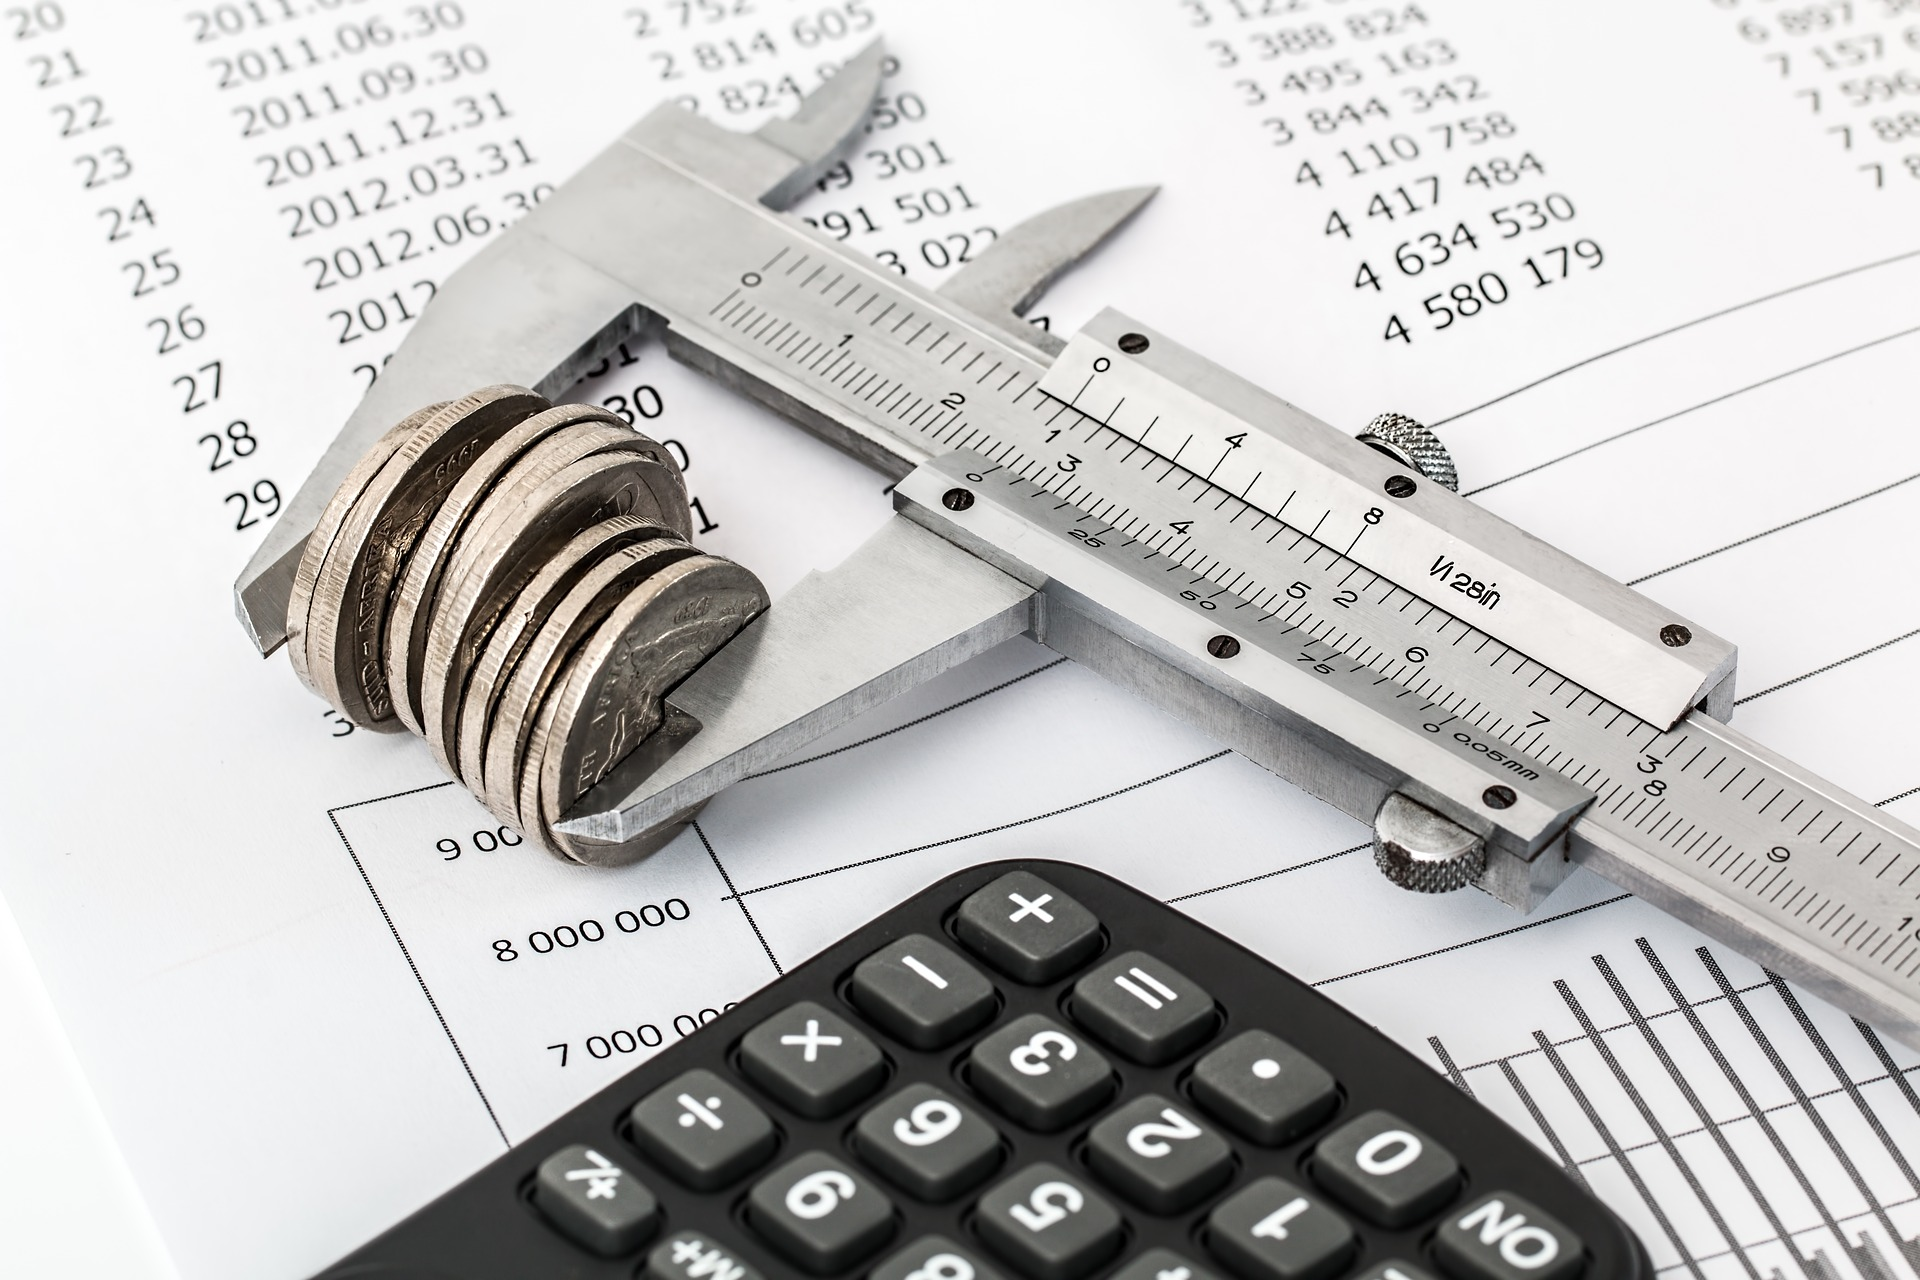 калькулятор и монеты